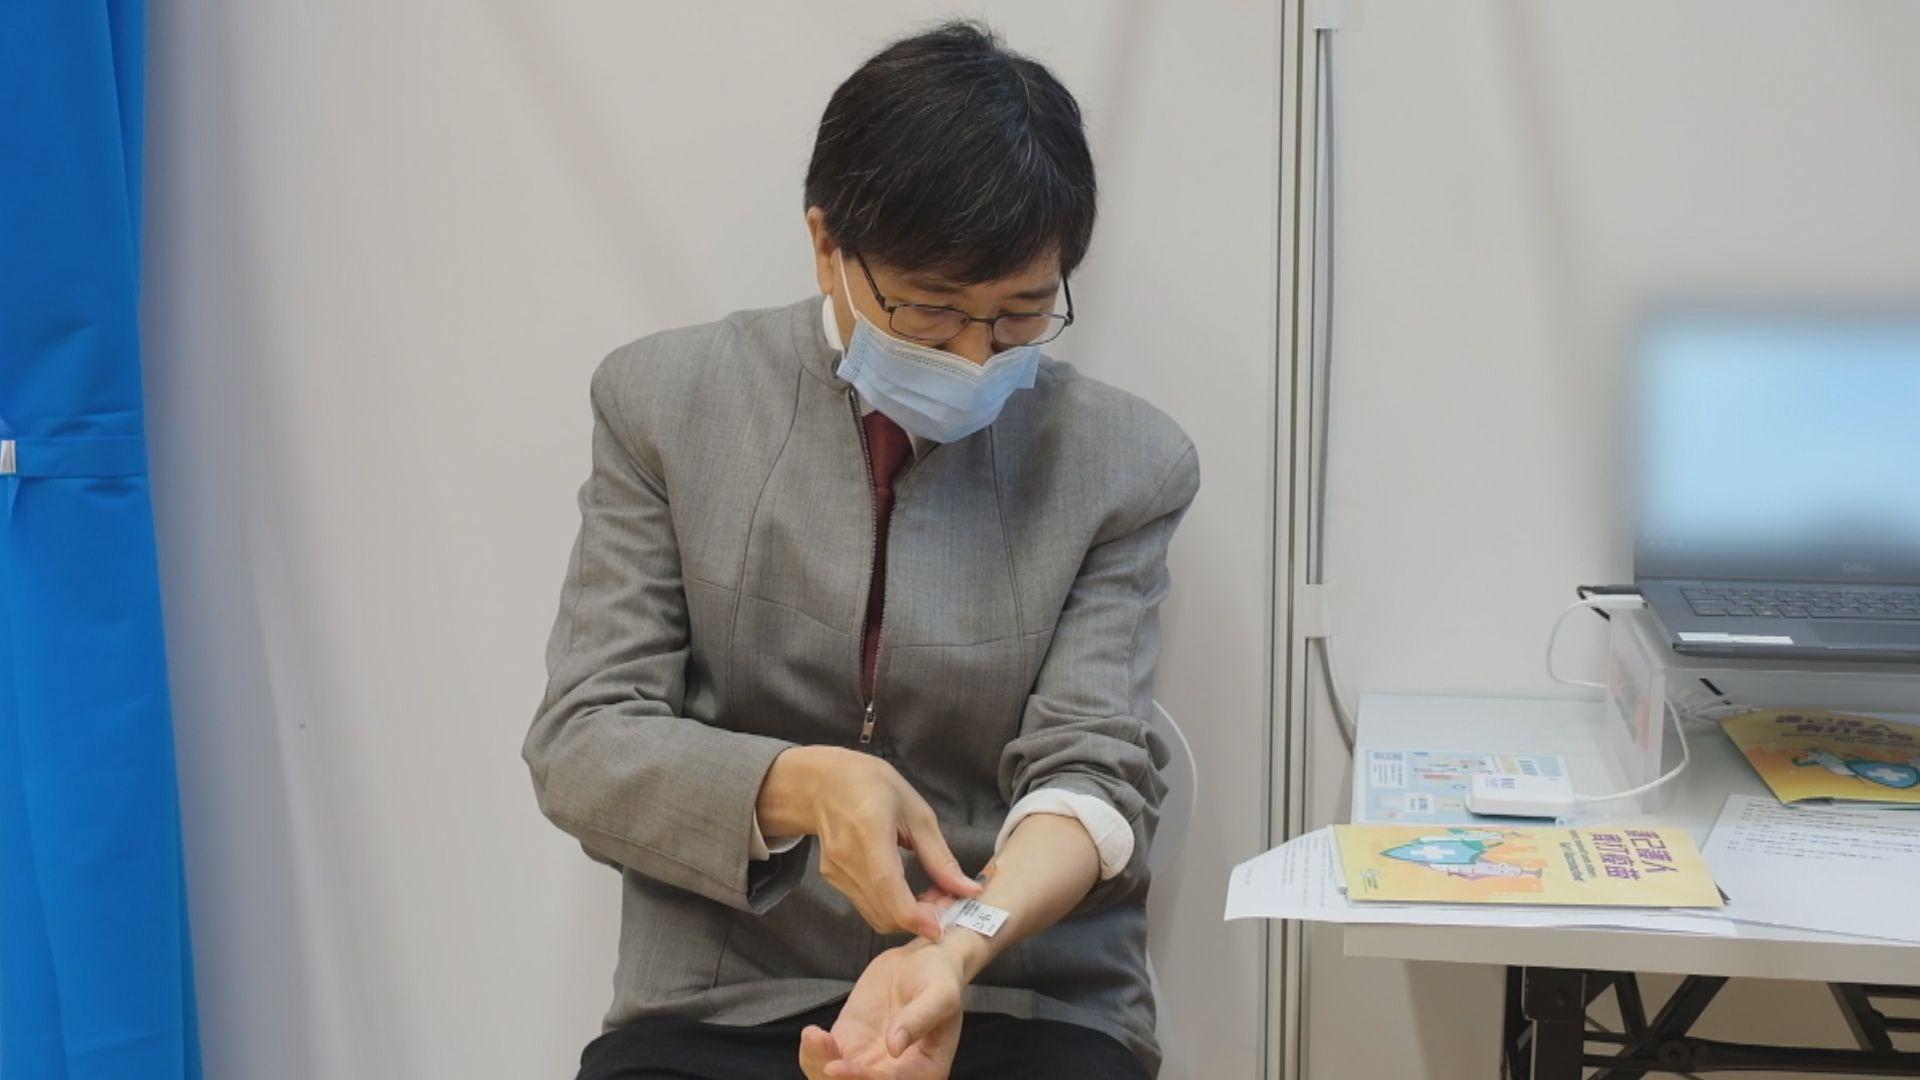 袁國勇接種復必泰疫苗 指自己年紀不符港大疫苗臨床測試資格